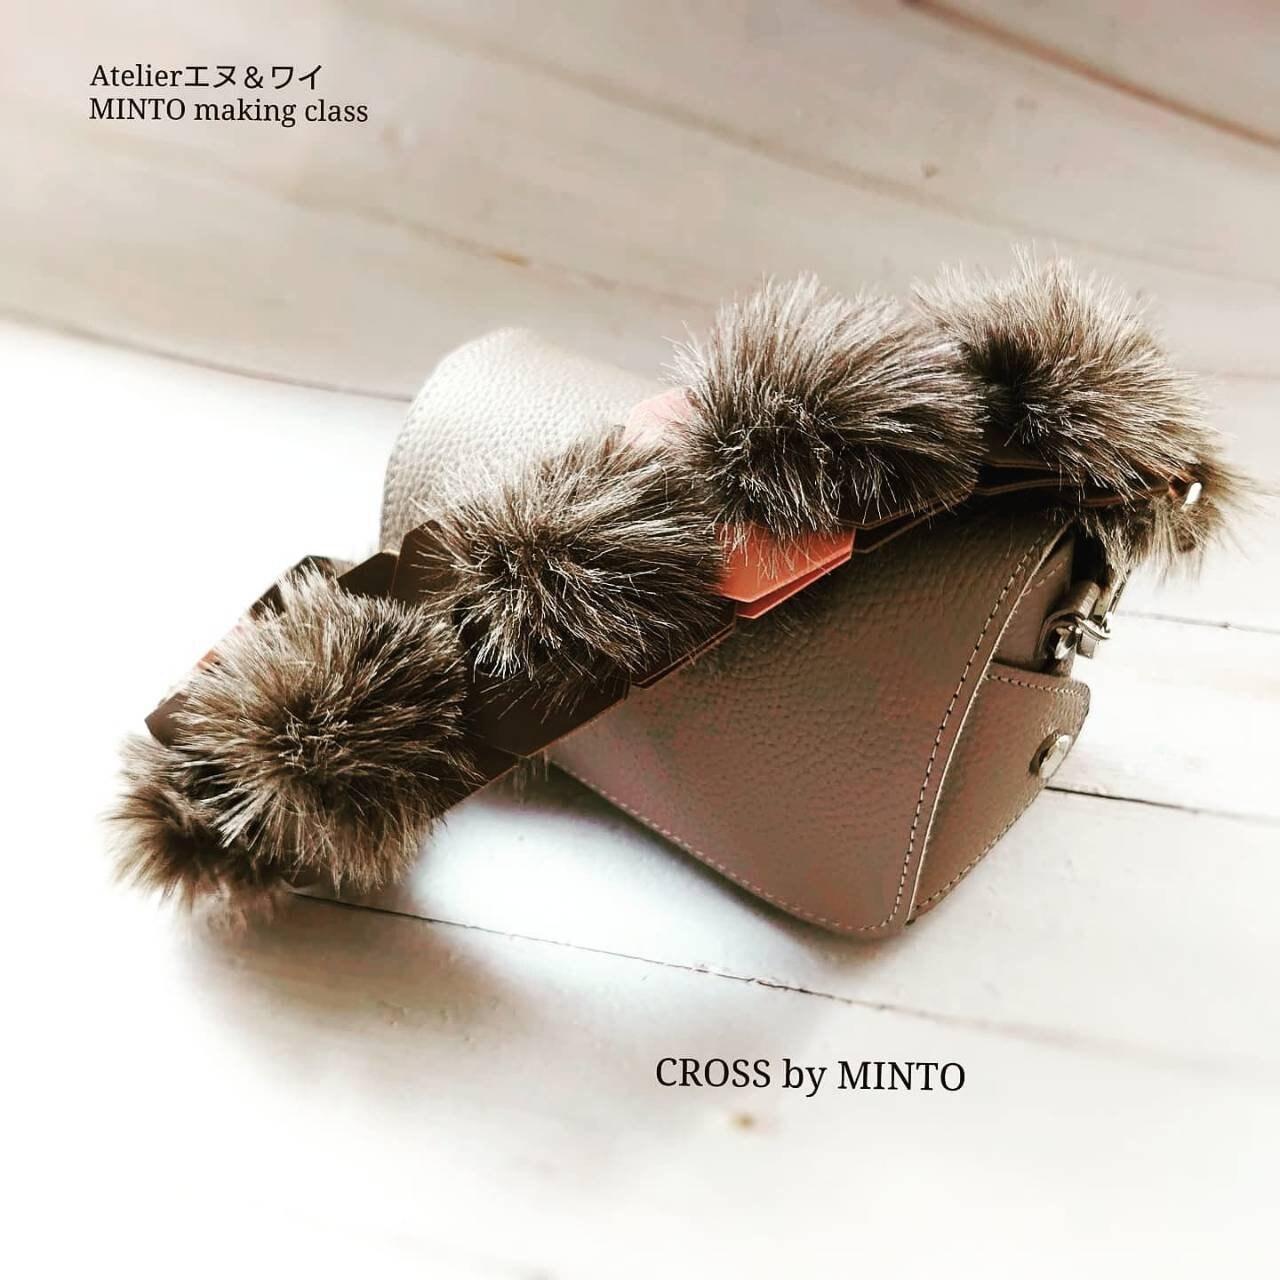 秋冬はファー仕様 小ぶりなお財布バッグ❤  MINTOシリーズ 【CROSS】by MINTO オンラインレッスン要ご相談のイメージその1